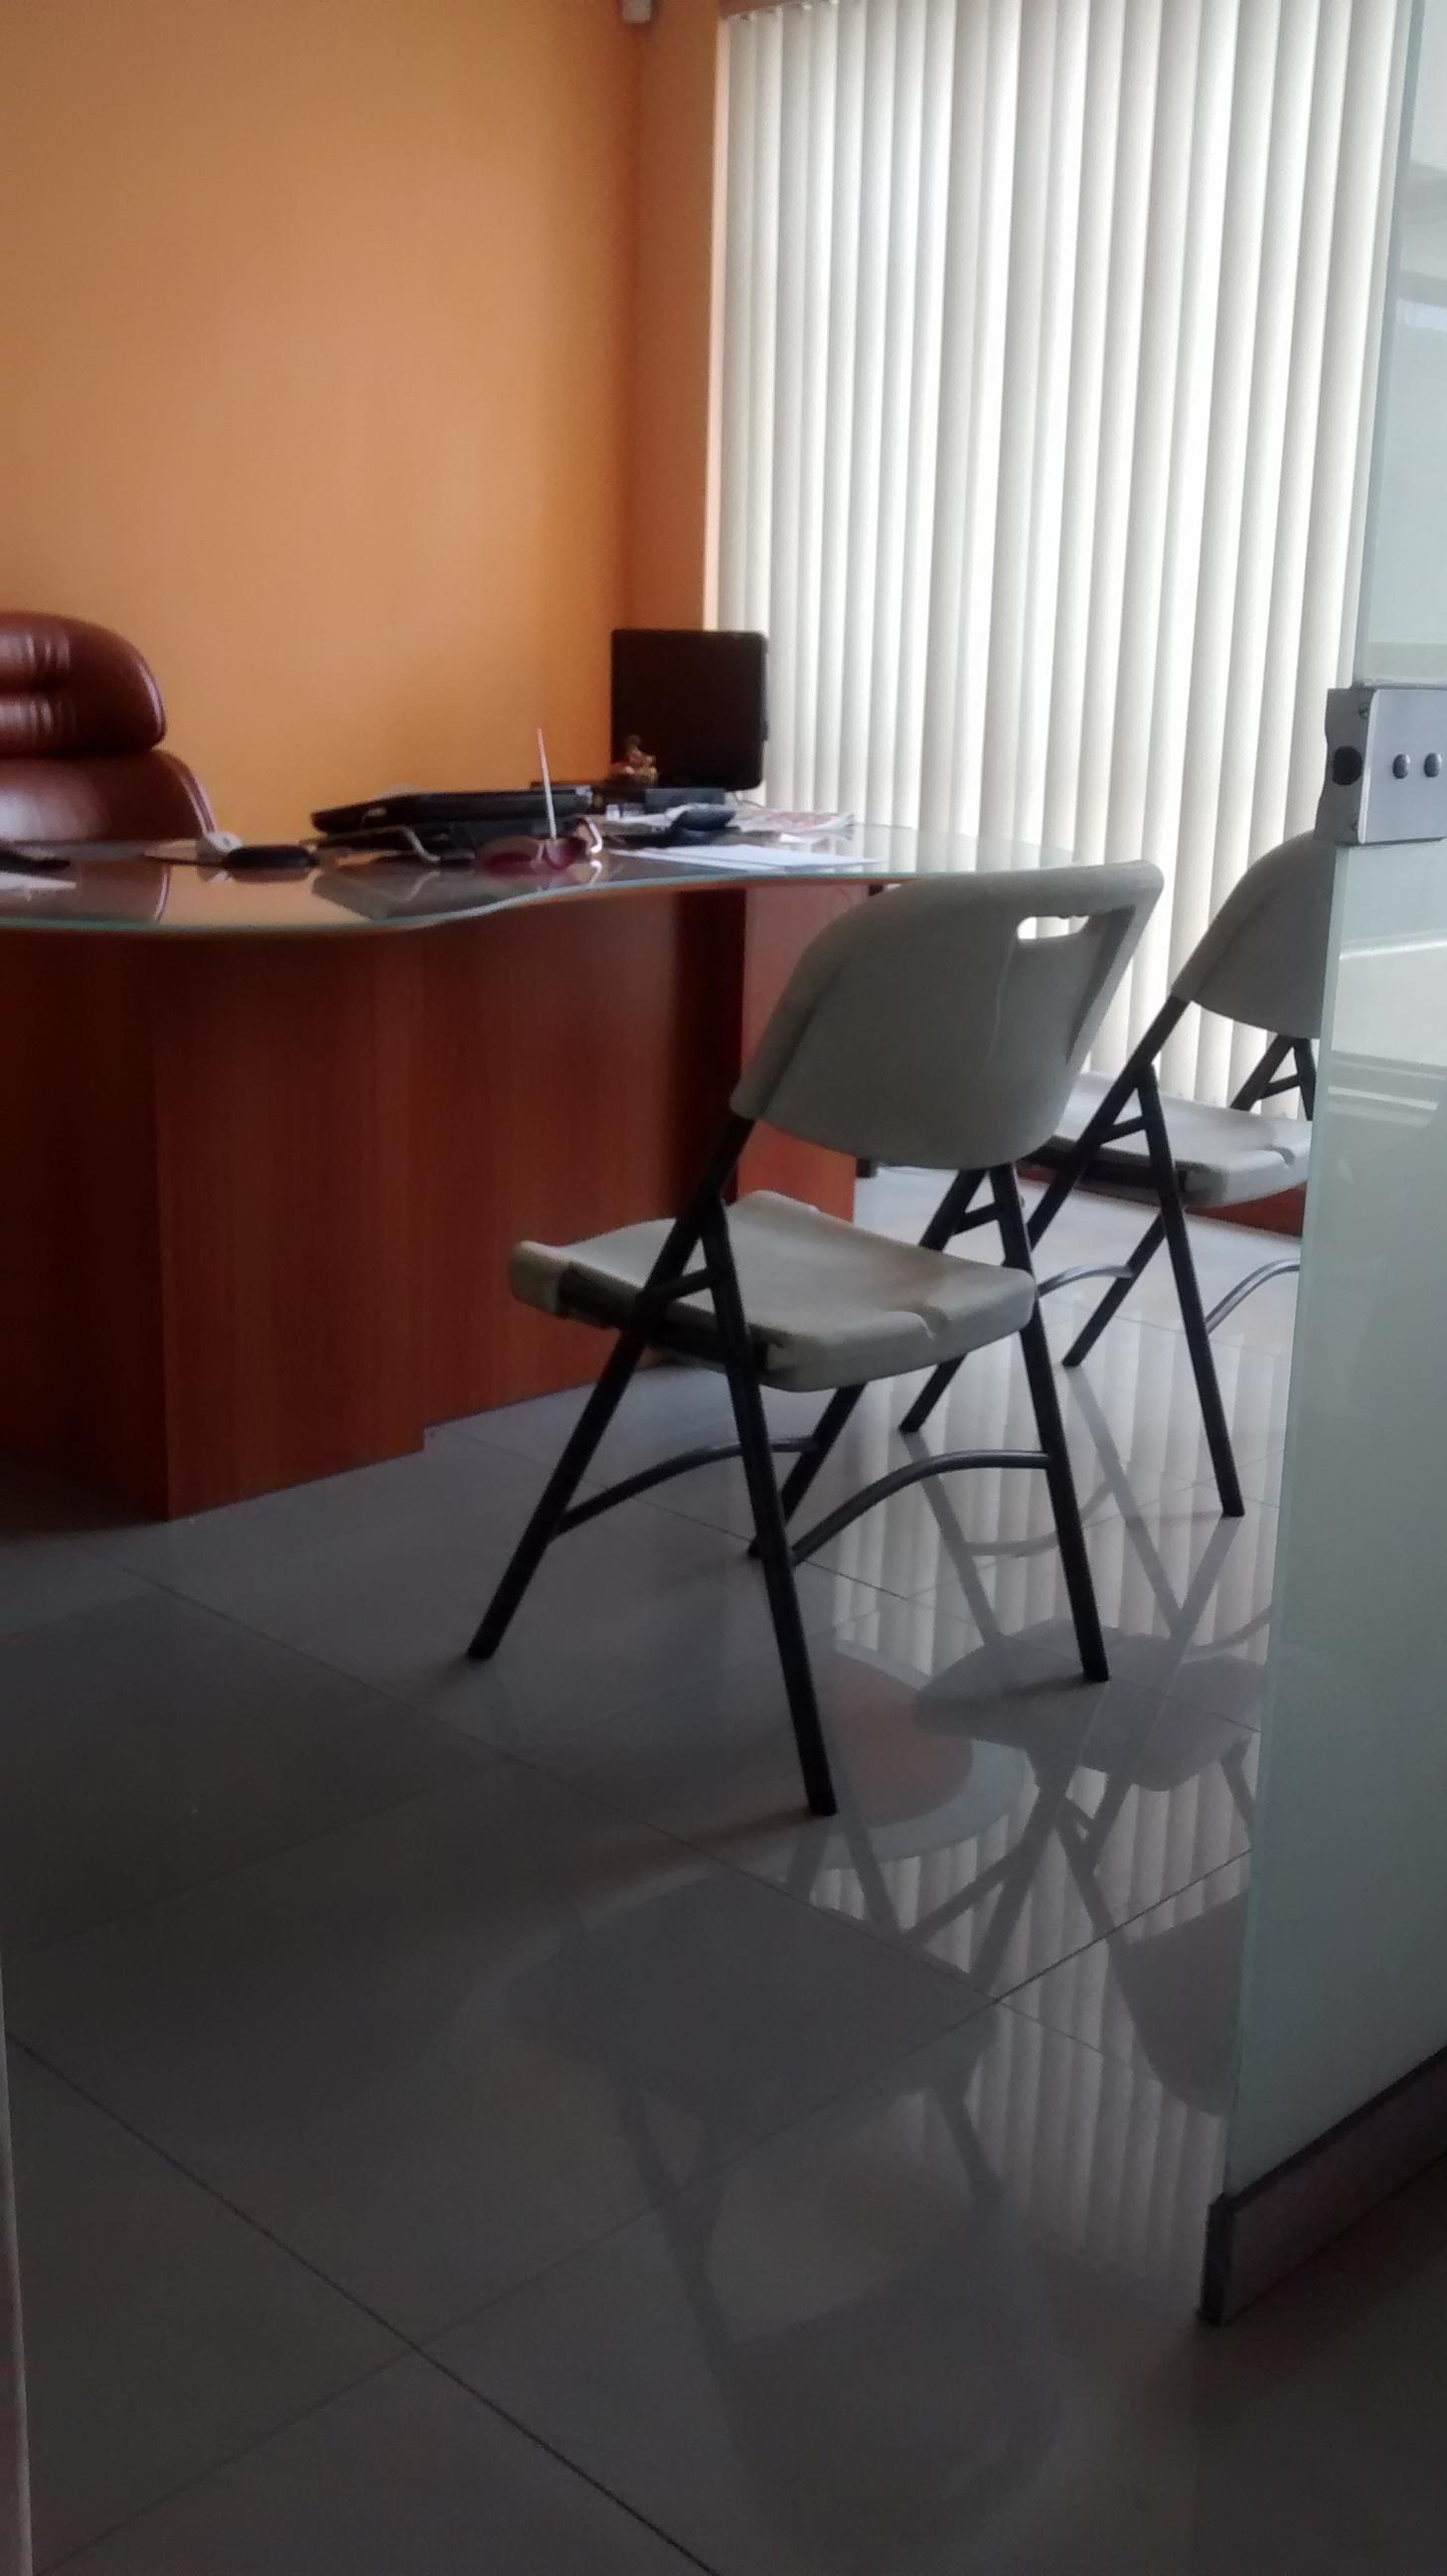 Alquiler de Local en Jose Luis Bustamante Y Rivero, Arequipa - en el tercer piso